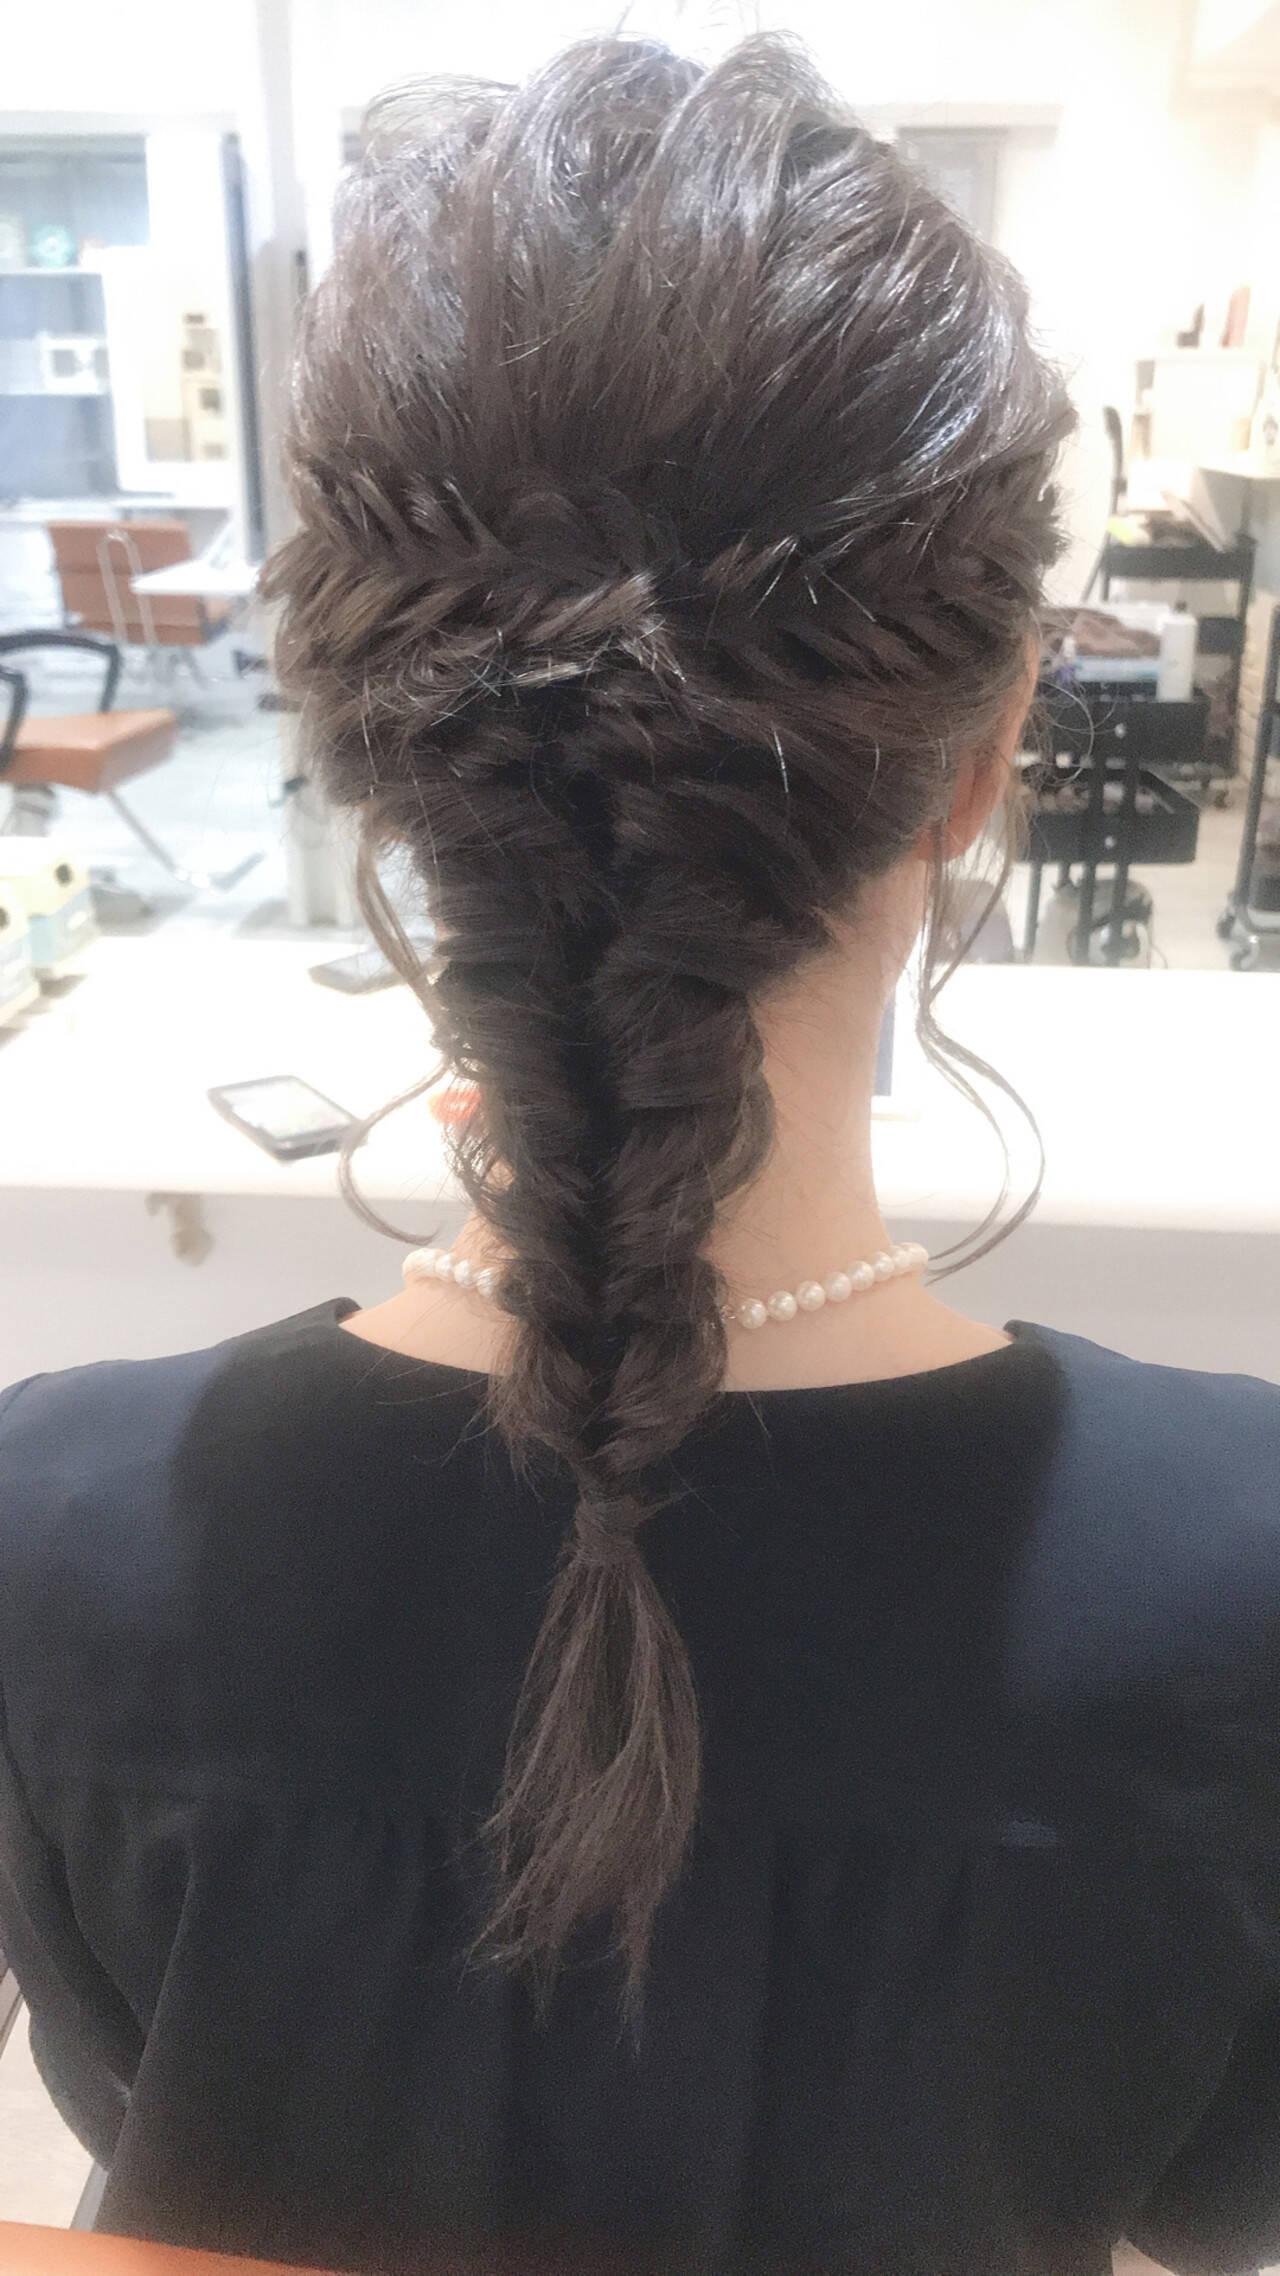 フェミニン セミロング 二次会ヘア ヘアセットヘアスタイルや髪型の写真・画像